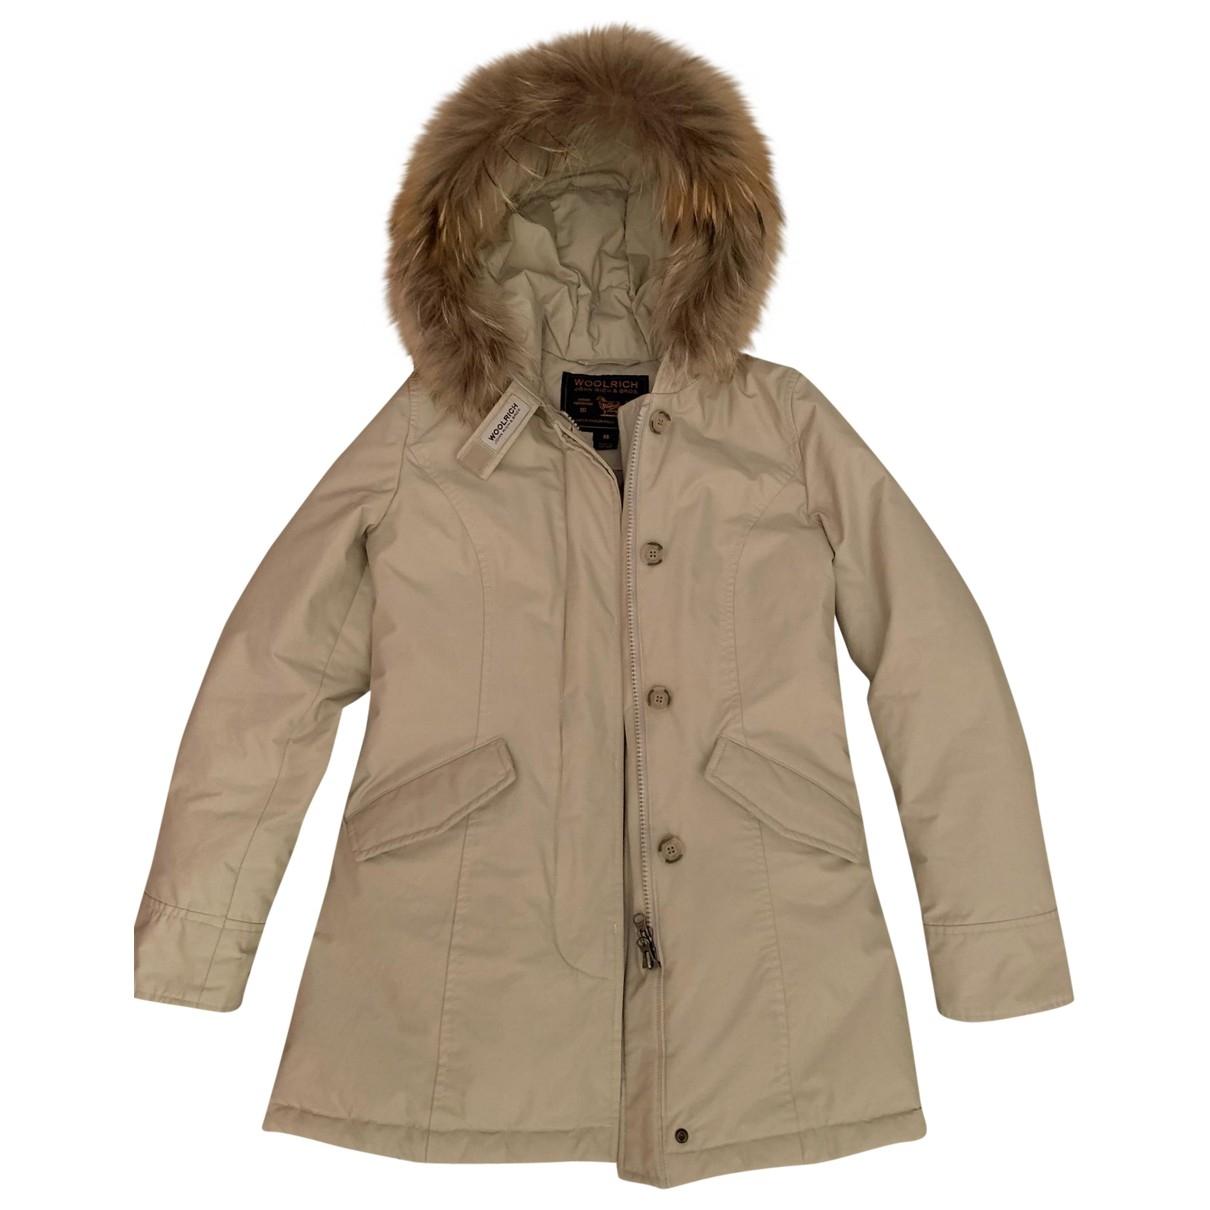 Woolrich \N White jacket for Women XS International